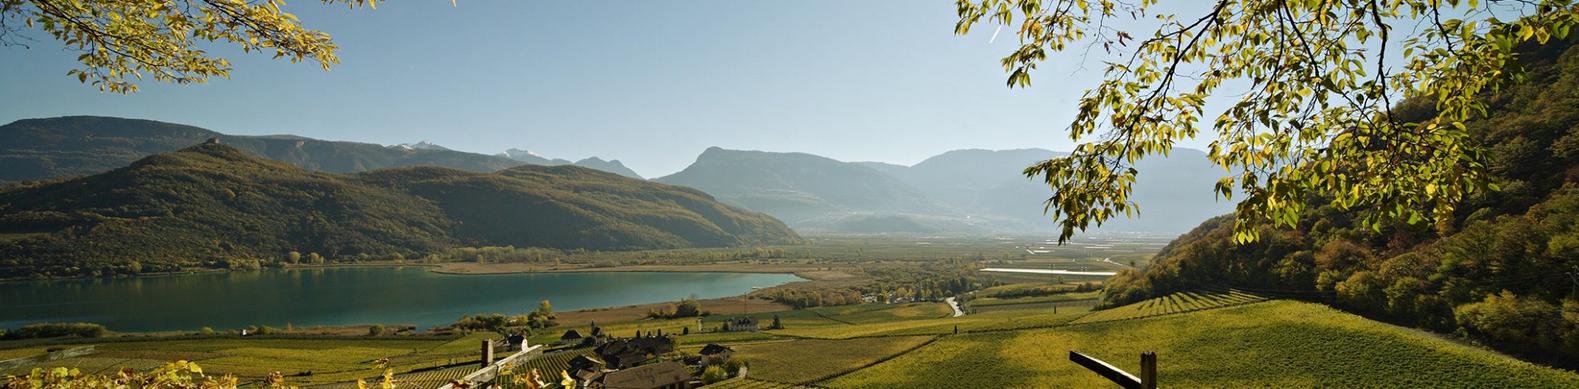 Landschaft-auf-die-Weinreben591d54124732f